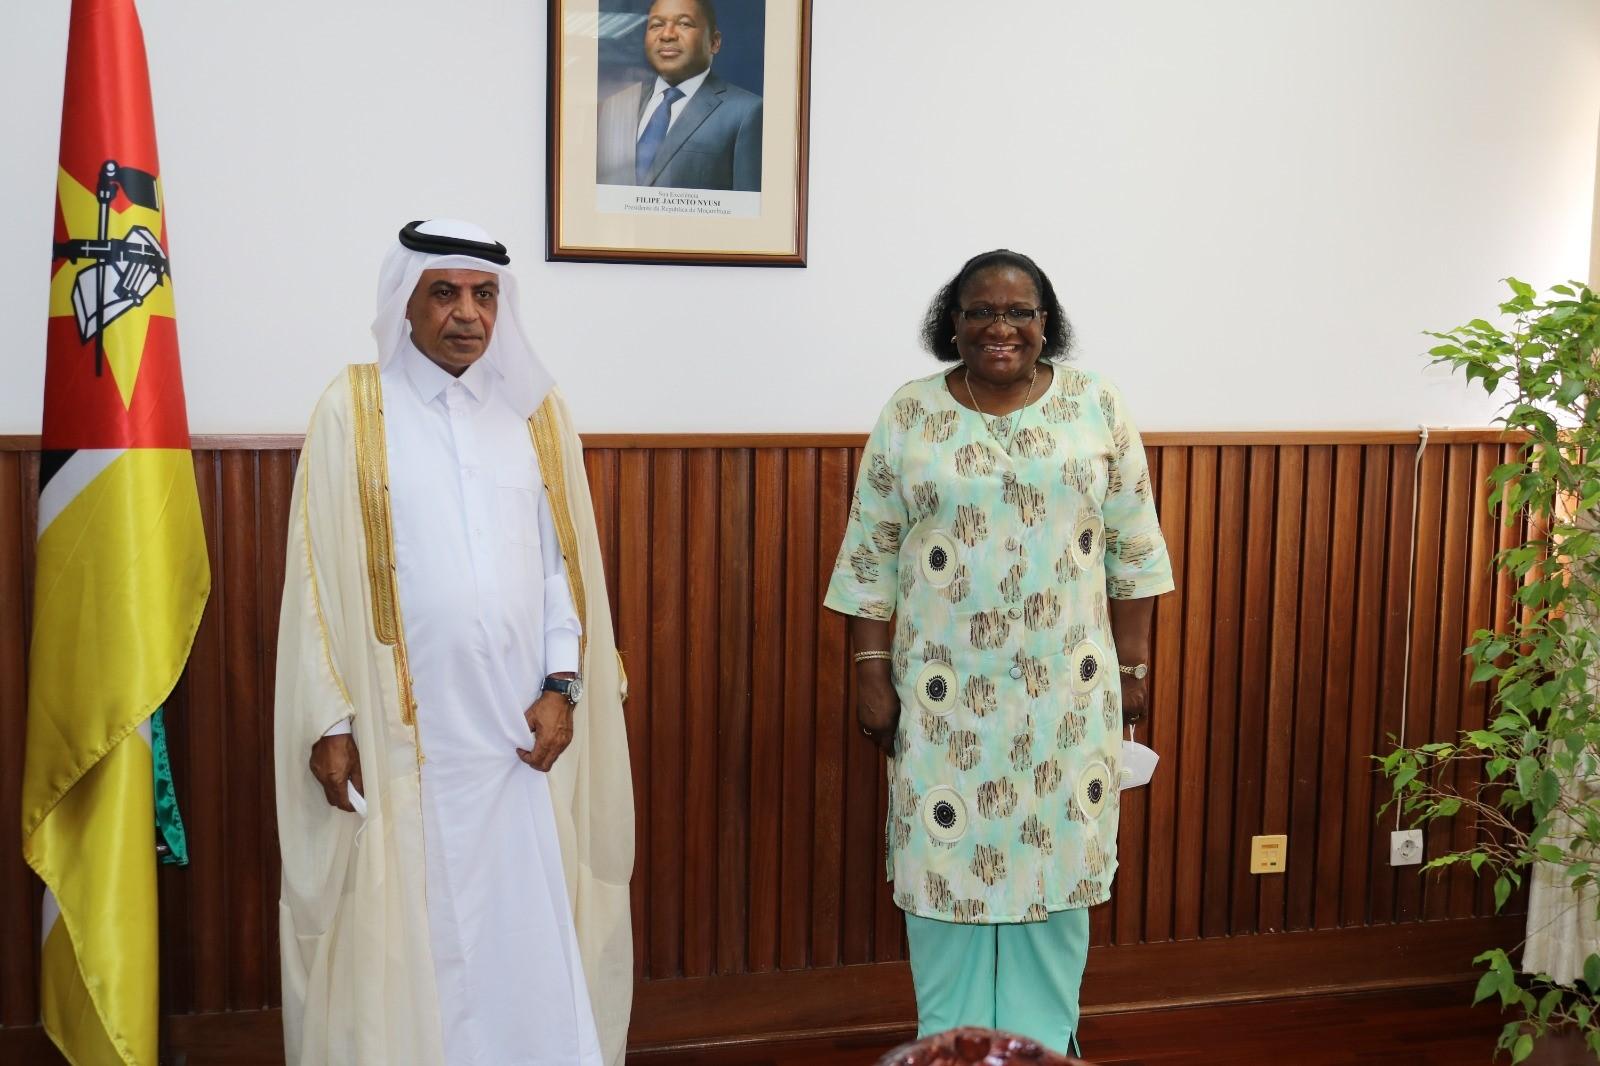 رسالة من نائب رئيس مجلس الوزراء وزير الخارجية لوزيرة الشؤون الخارجية والتعاون في جمهورية موزمبيق